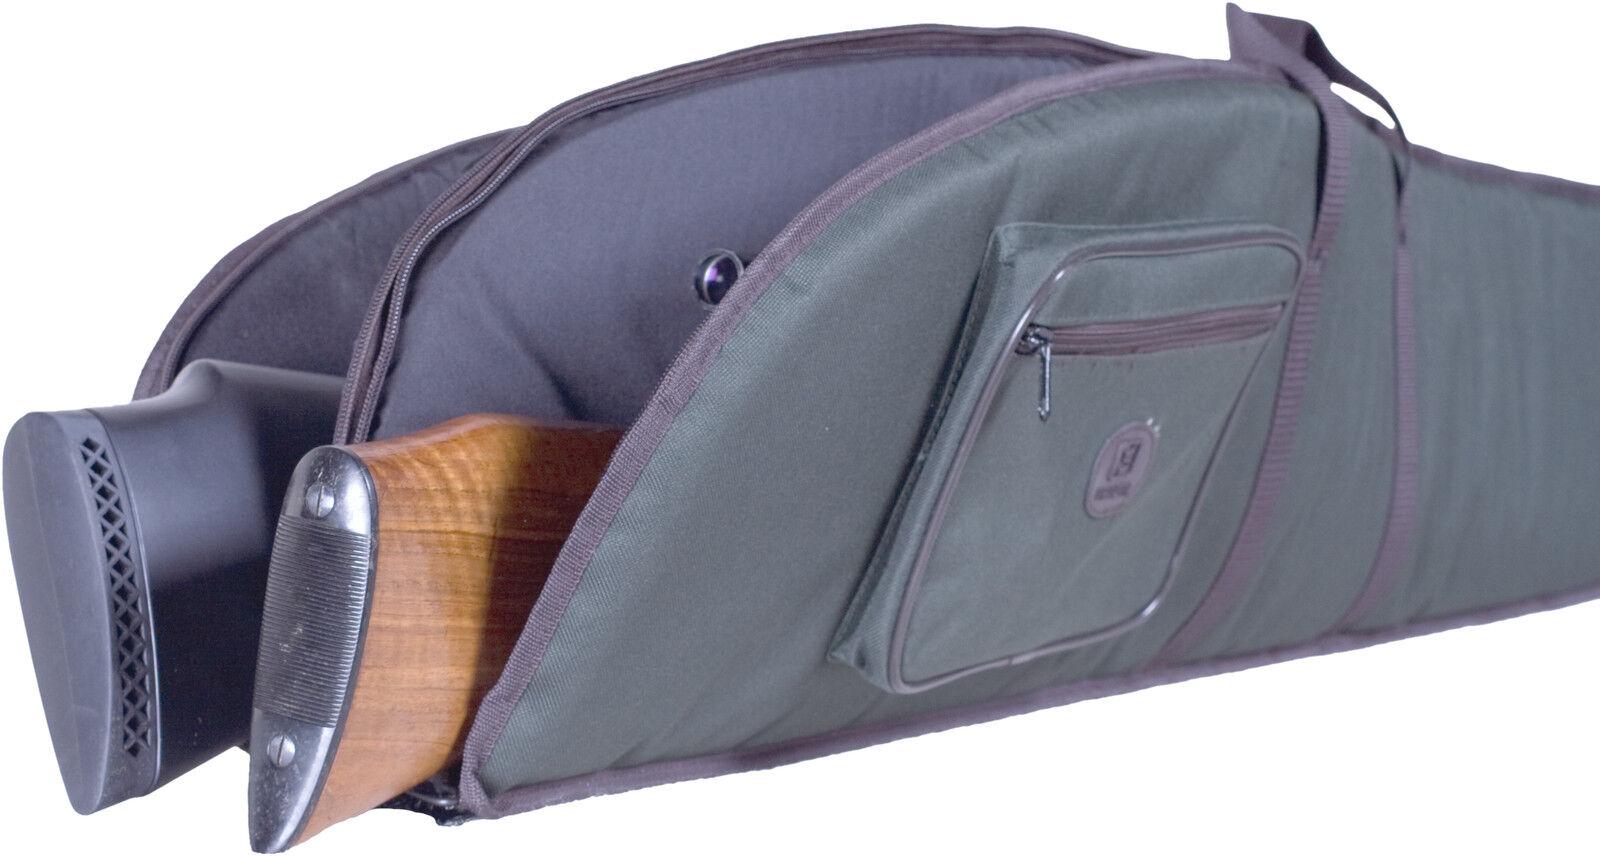 Franzen weapons Tasche Rifle Tasche Gun Case Single or Double Case